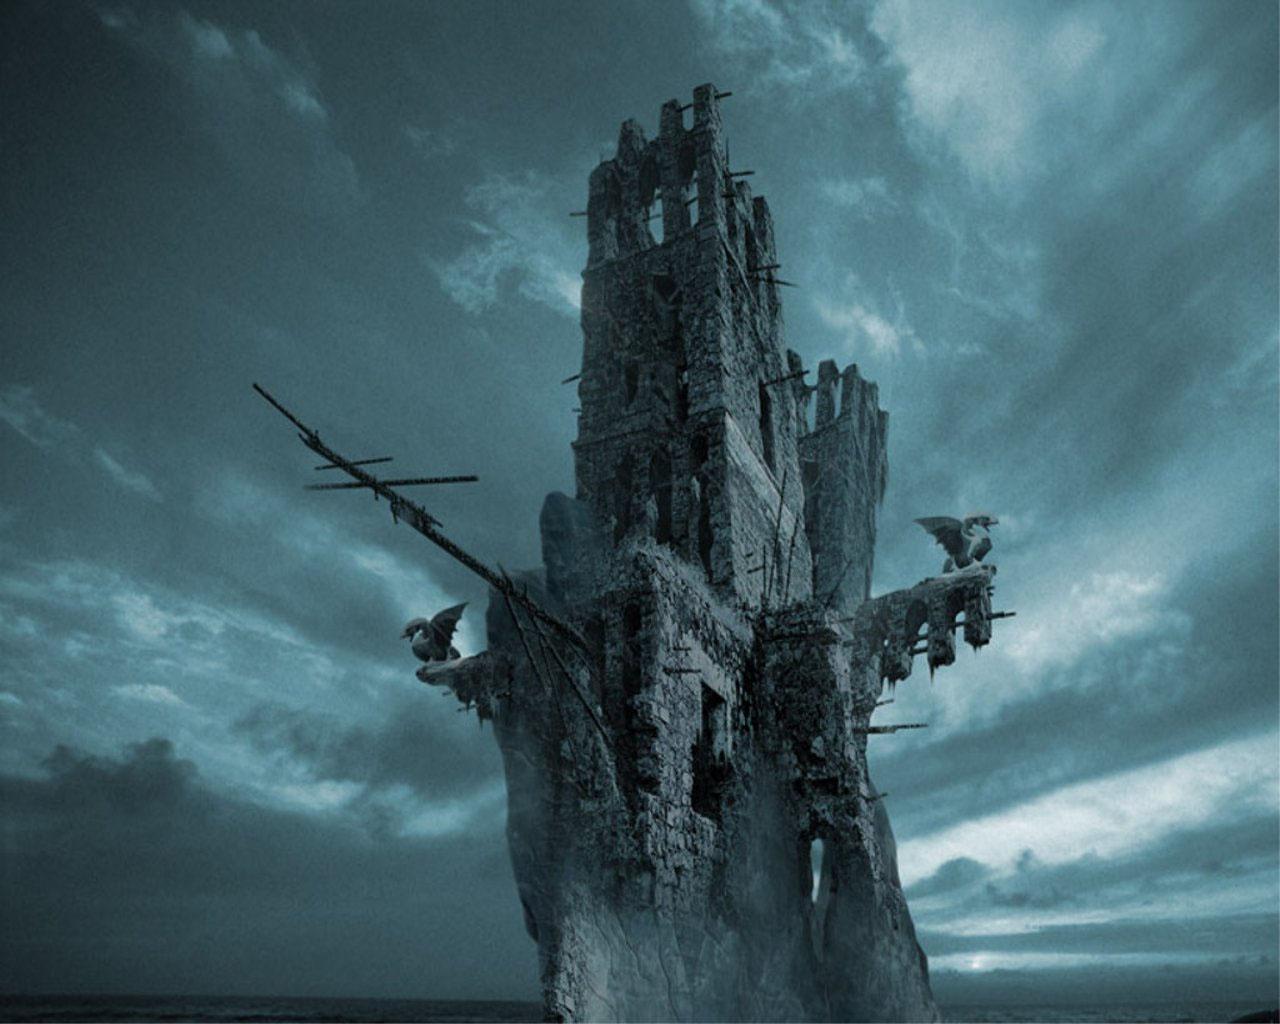 Sfondi desktop gratis >> sfondi fantasy 2